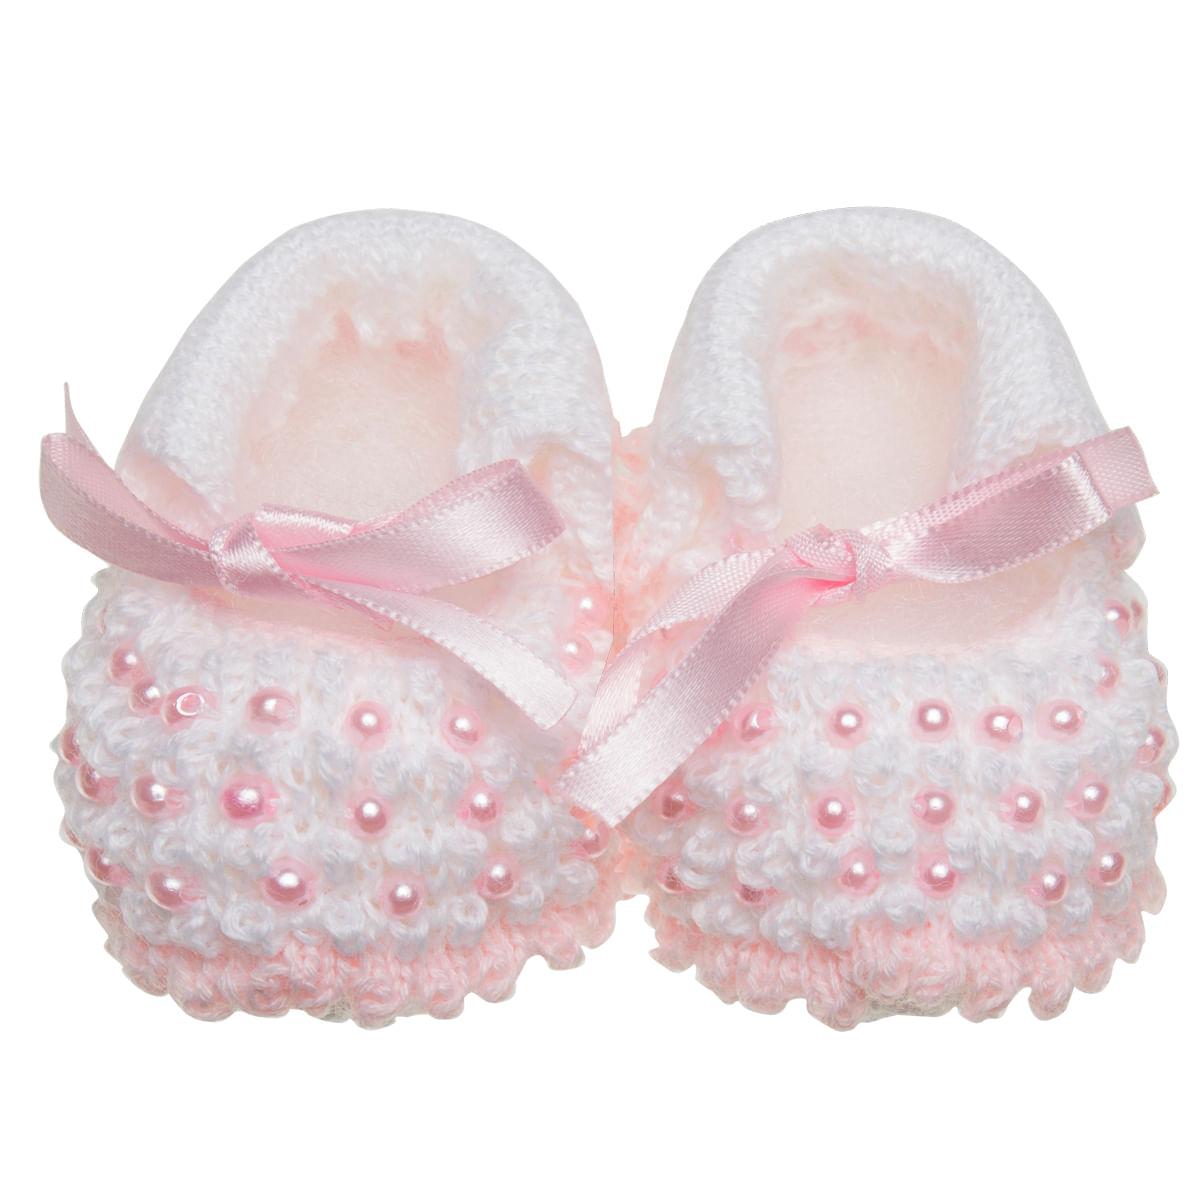 f89518cfa Sapatinho para bebe em tricot Mini Pérolas Rosa/Branca - Roana no Bebefacil,  onde você encontra tudo em roupas e enxoval para bebês - bebefacil